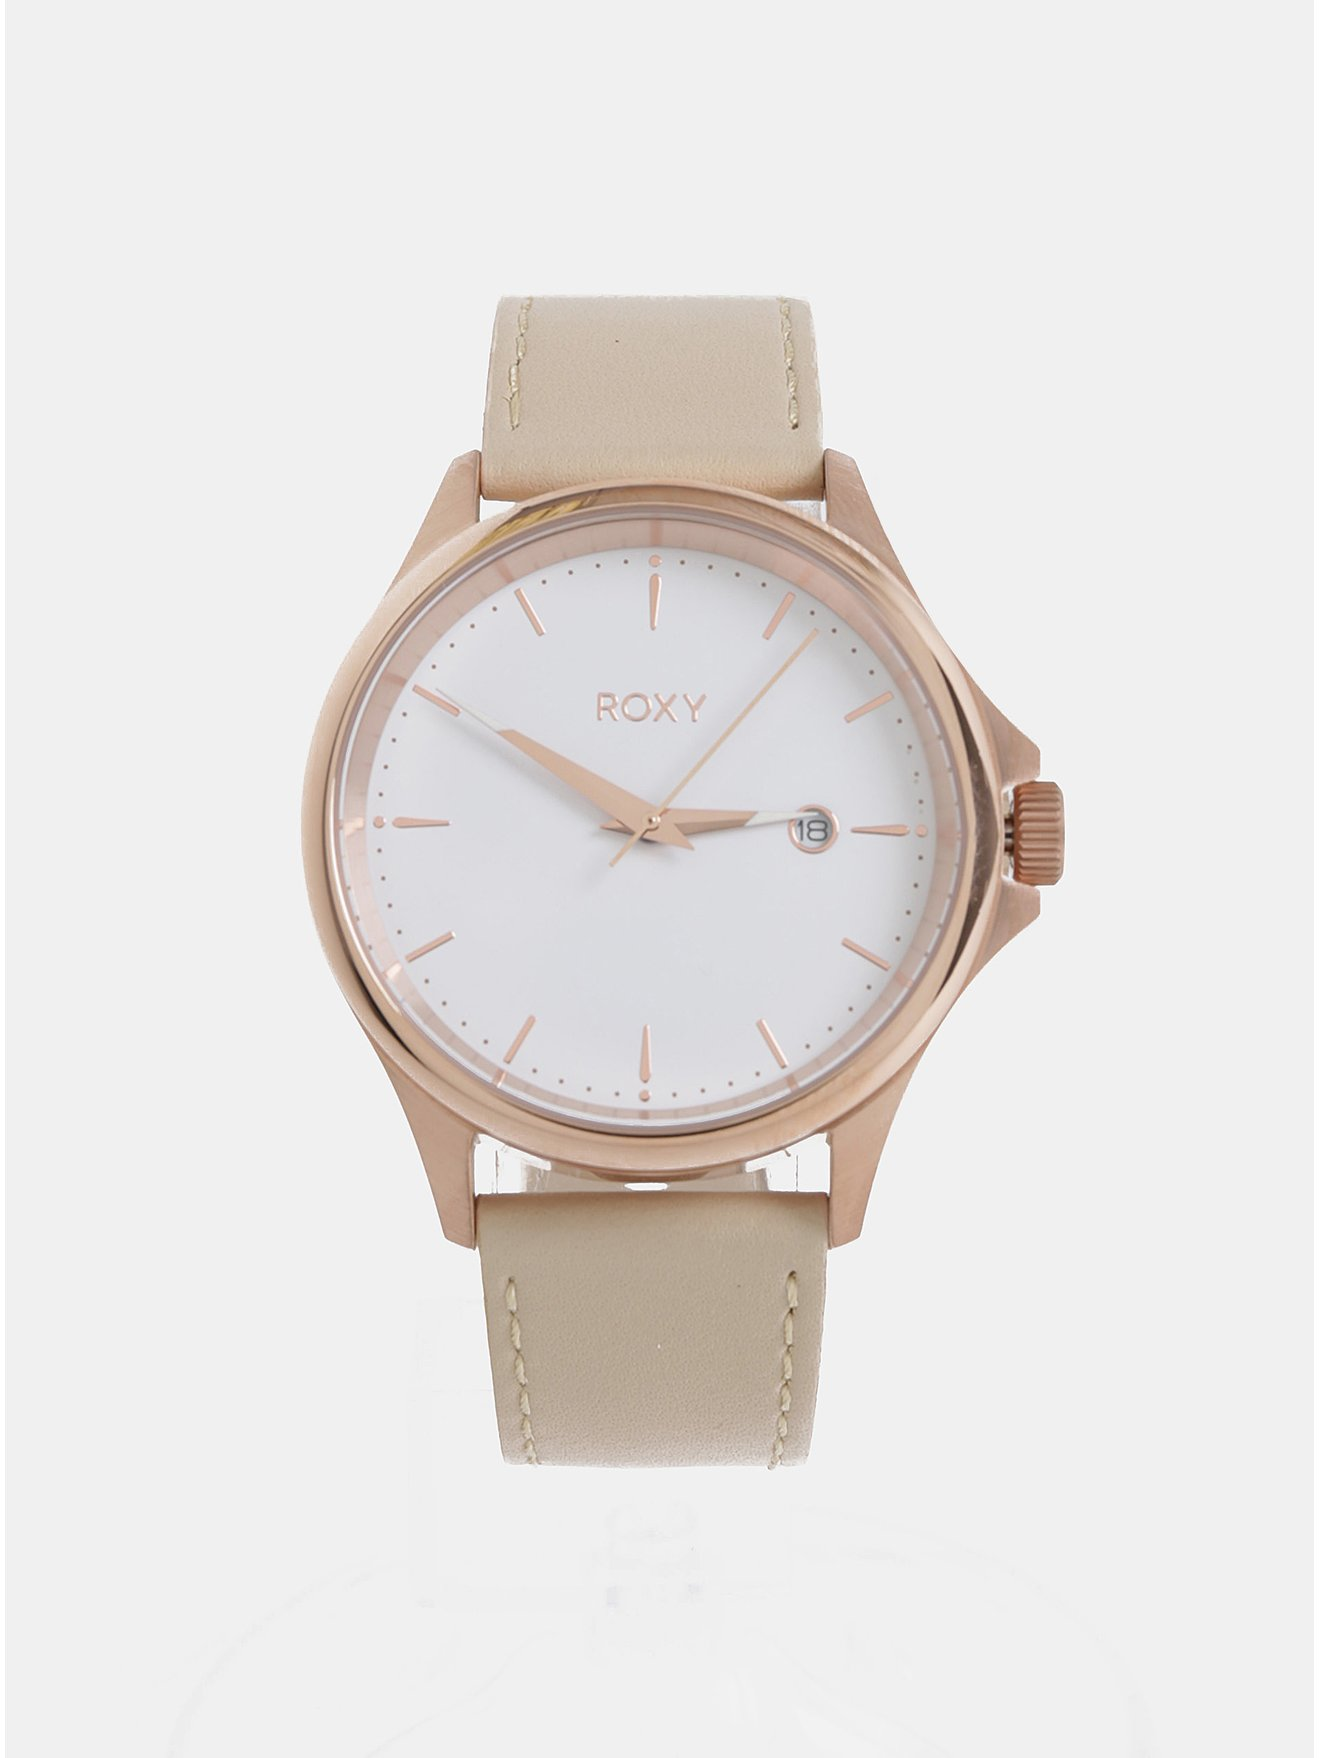 282be7296 Dámske hodinky s béžovým koženým remienkom Roxy Messenger | Moda.sk